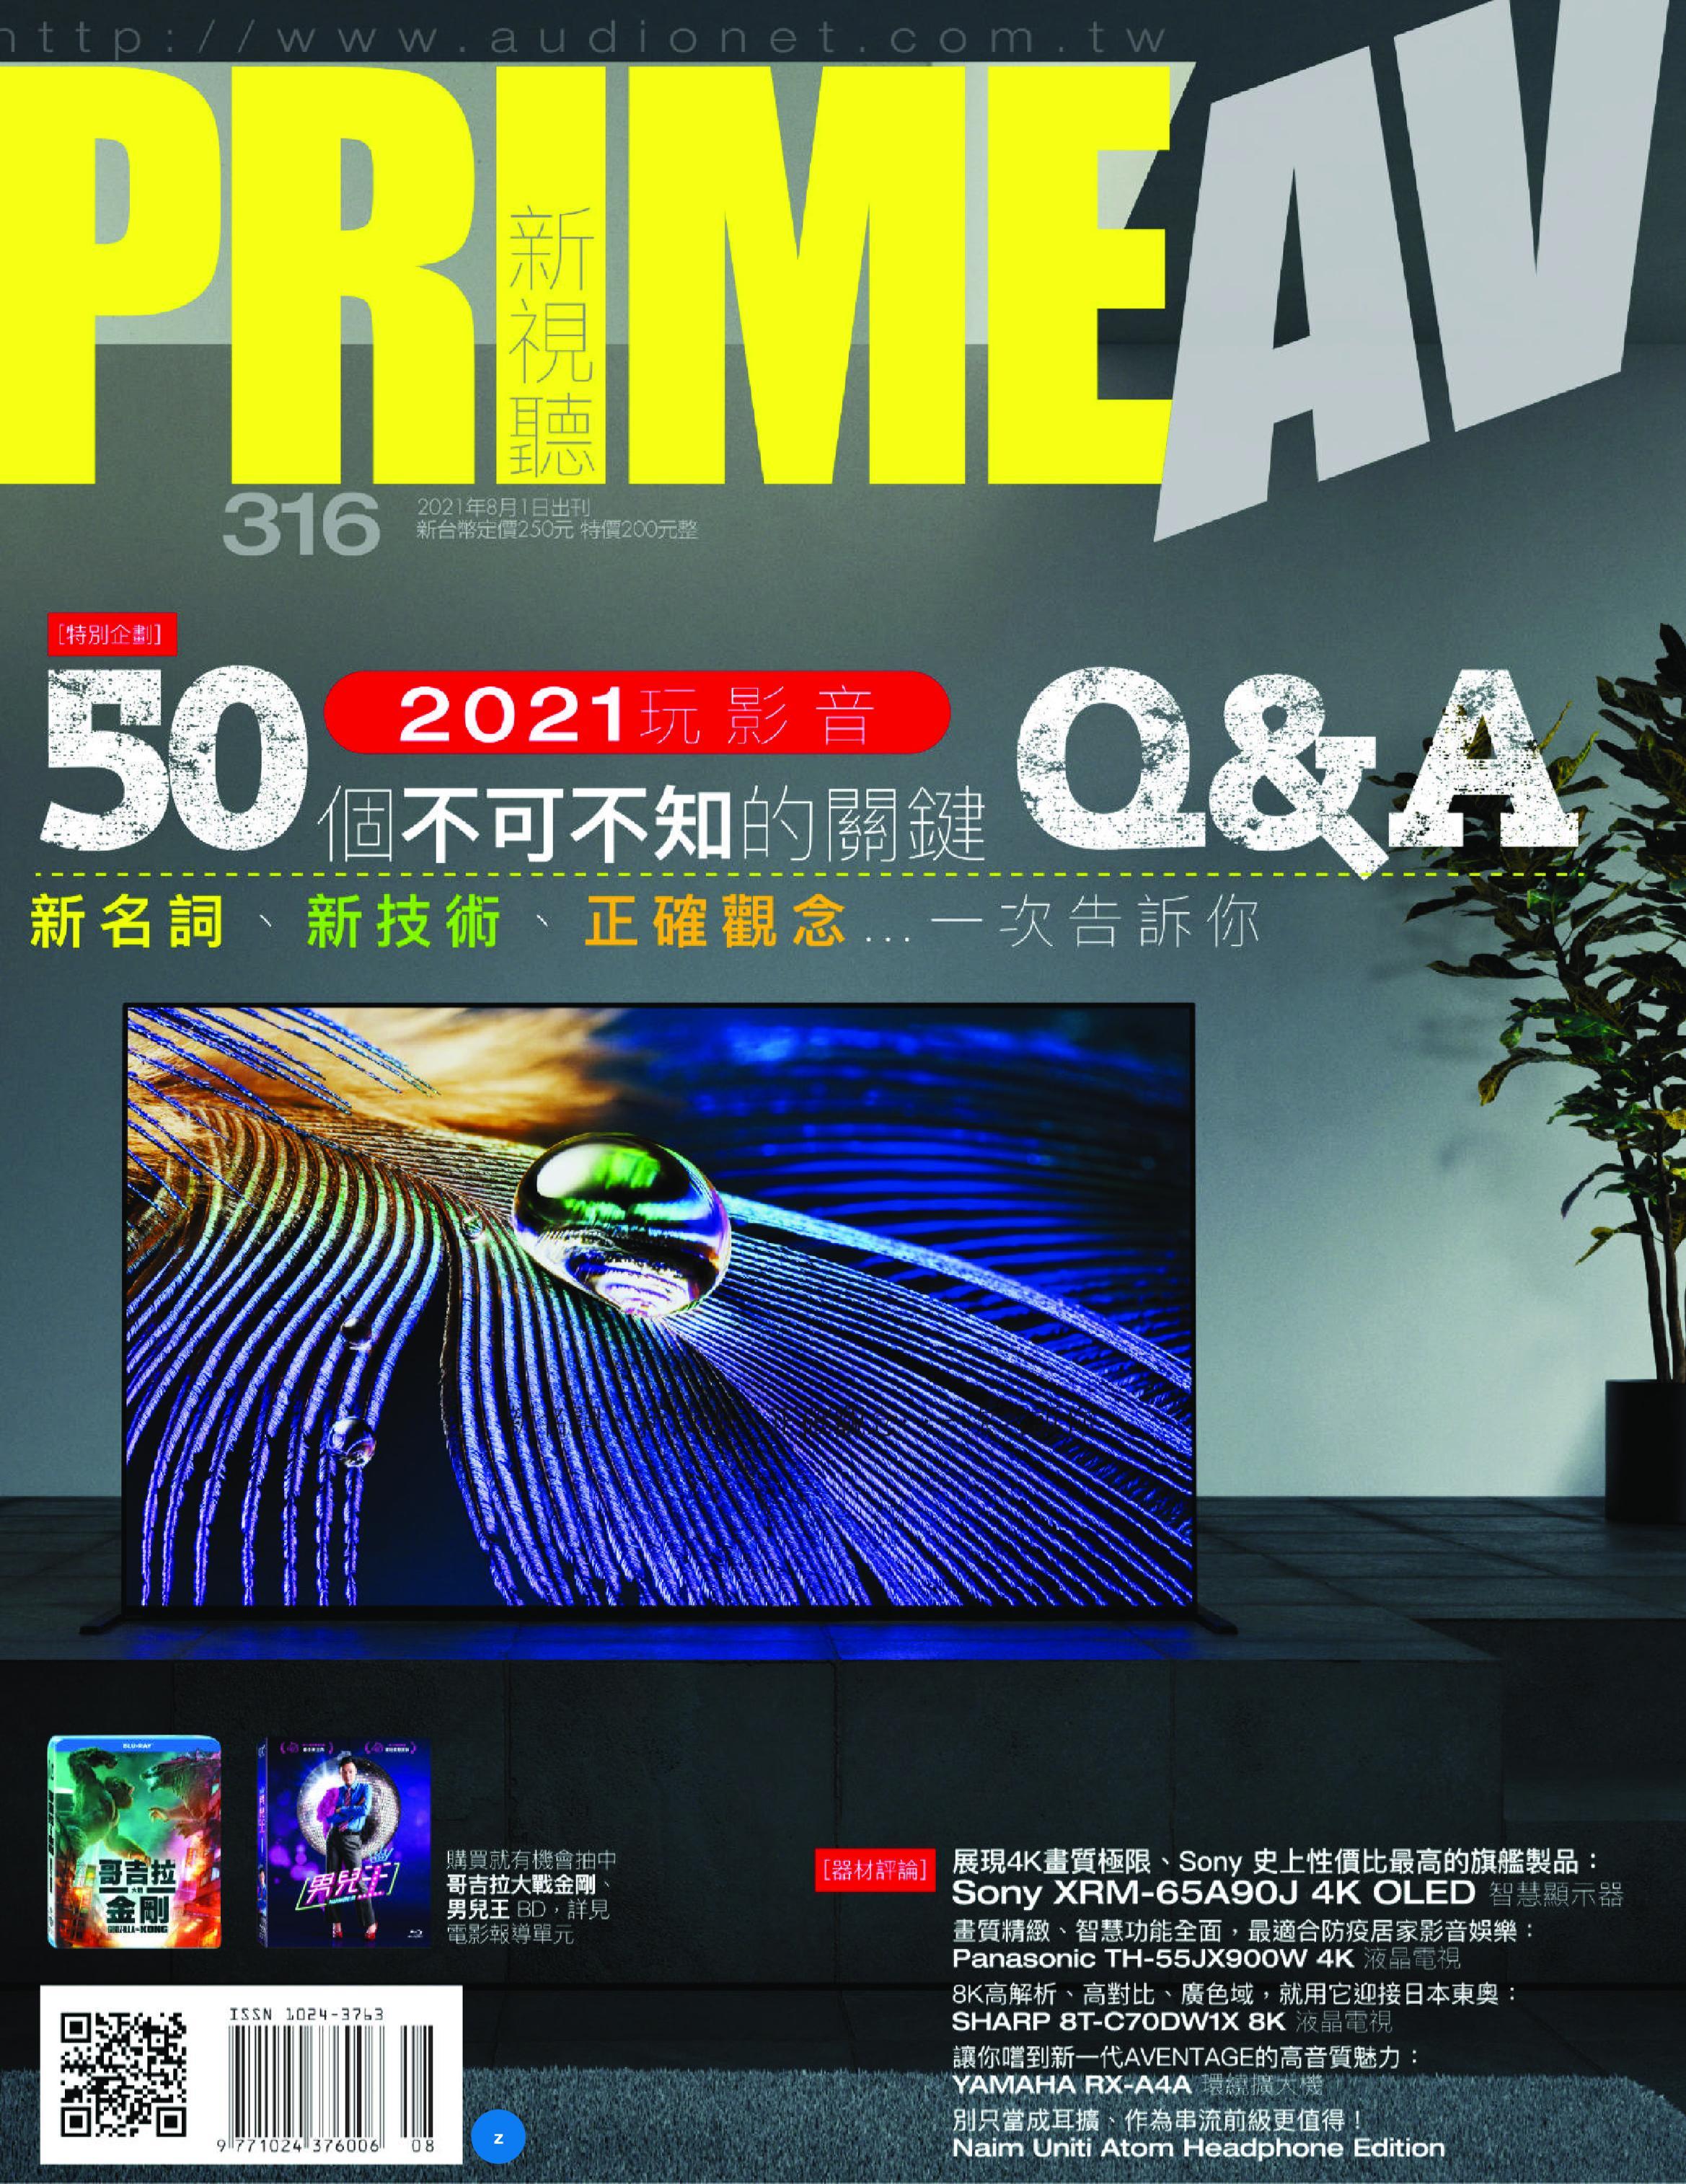 Prime AV 新視聽 - 八月 2021